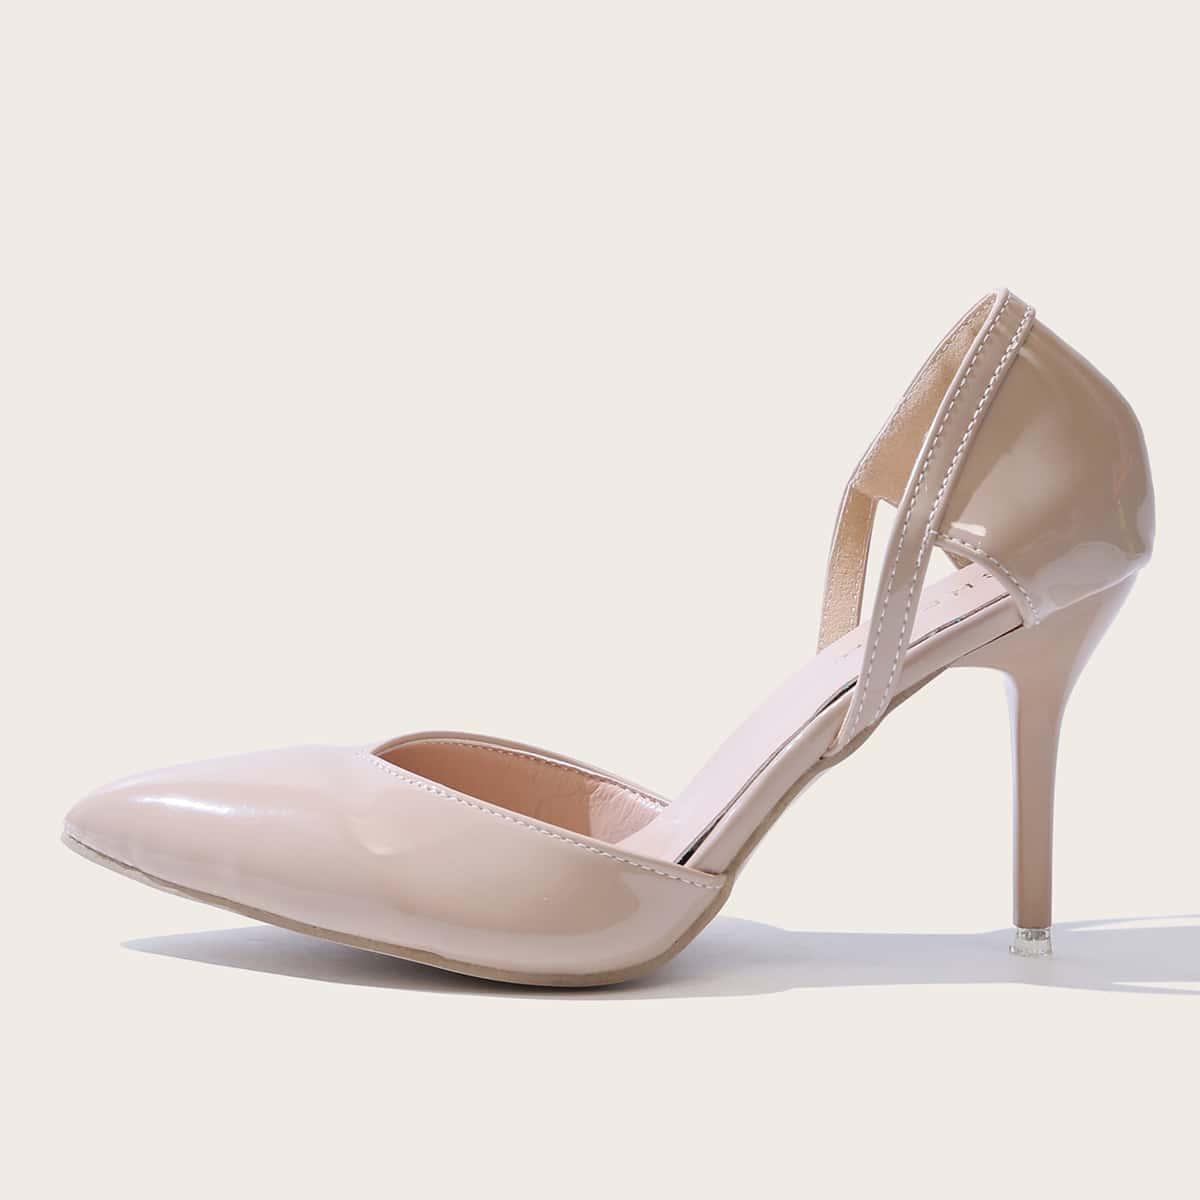 Остроконечные лакированные туфли на высоких каблуках от SHEIN